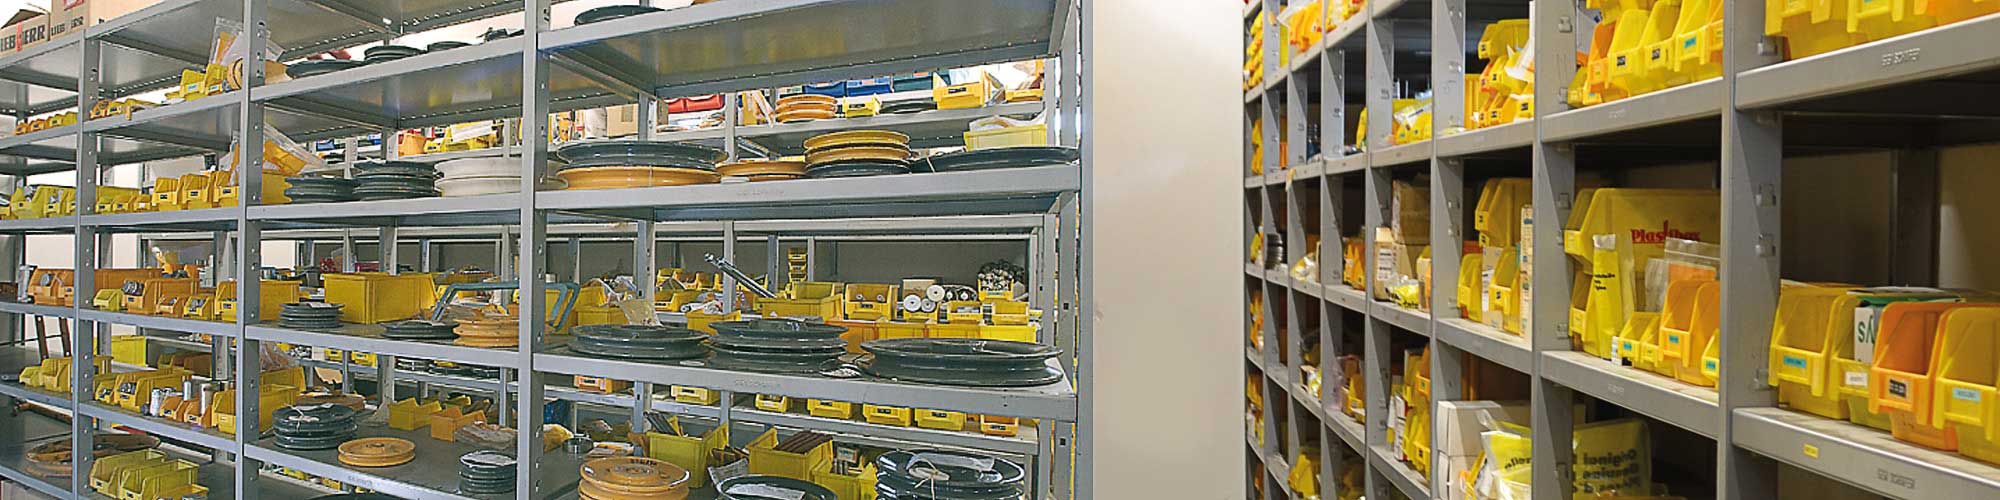 BKL Lager Kran-Zubehoer Ersatzteile